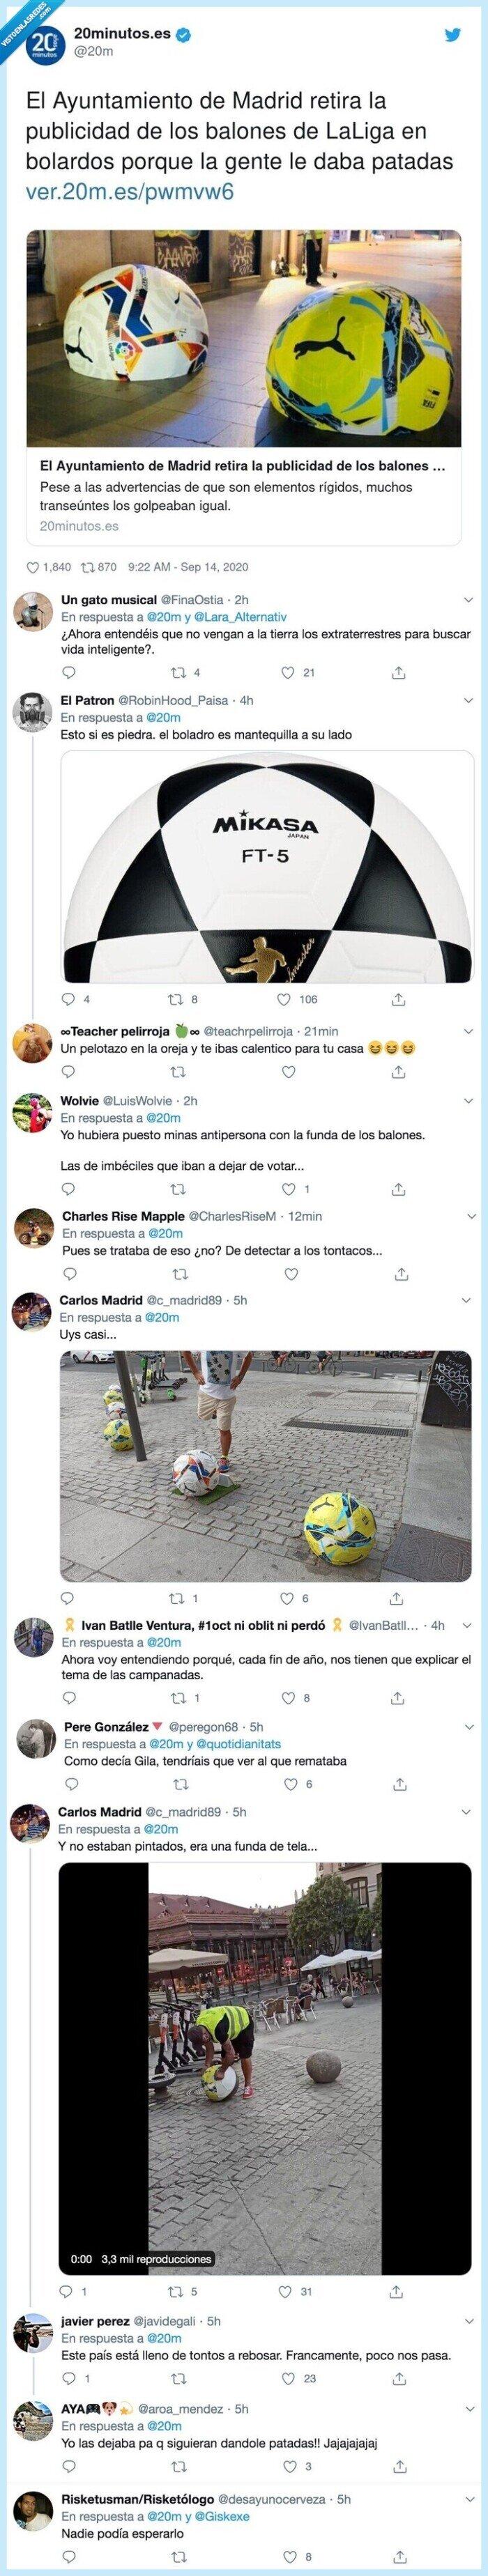 687072 - Madrid retira la publicidad de los balones de LaLiga en bolardos y todo el mundo opina lo mismo